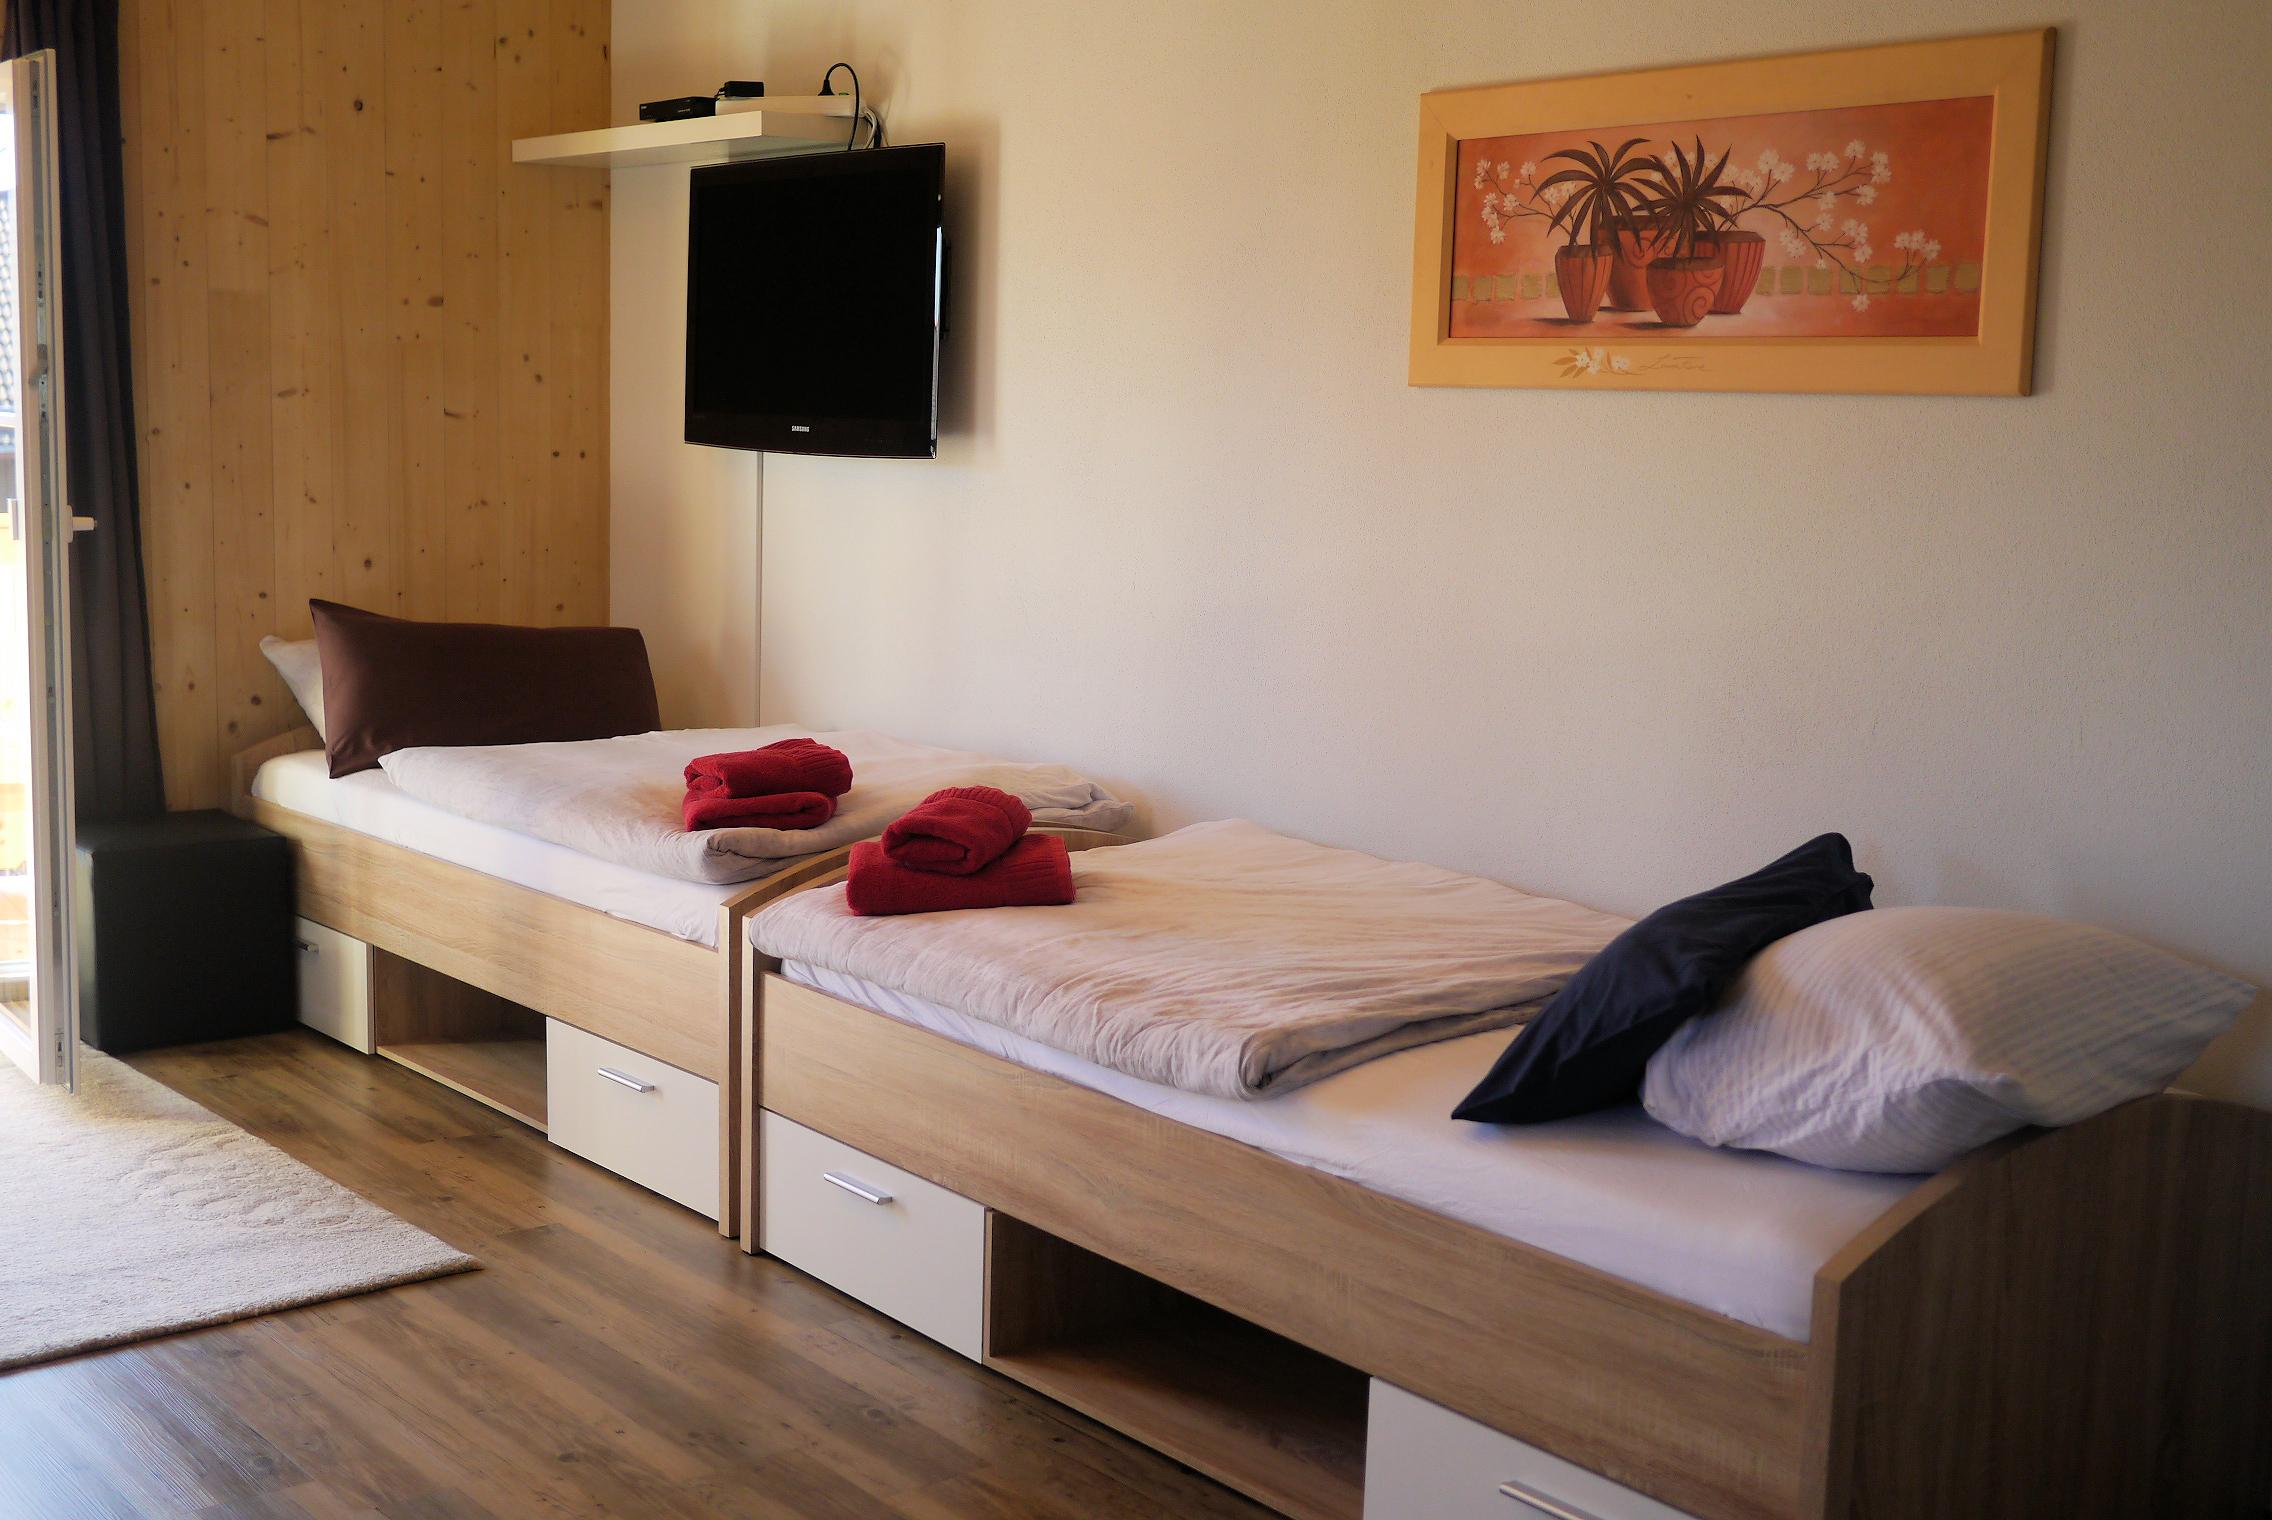 Apt. 2 Der Wohnbereich bietet weitere Schlafmöglichkeiten.